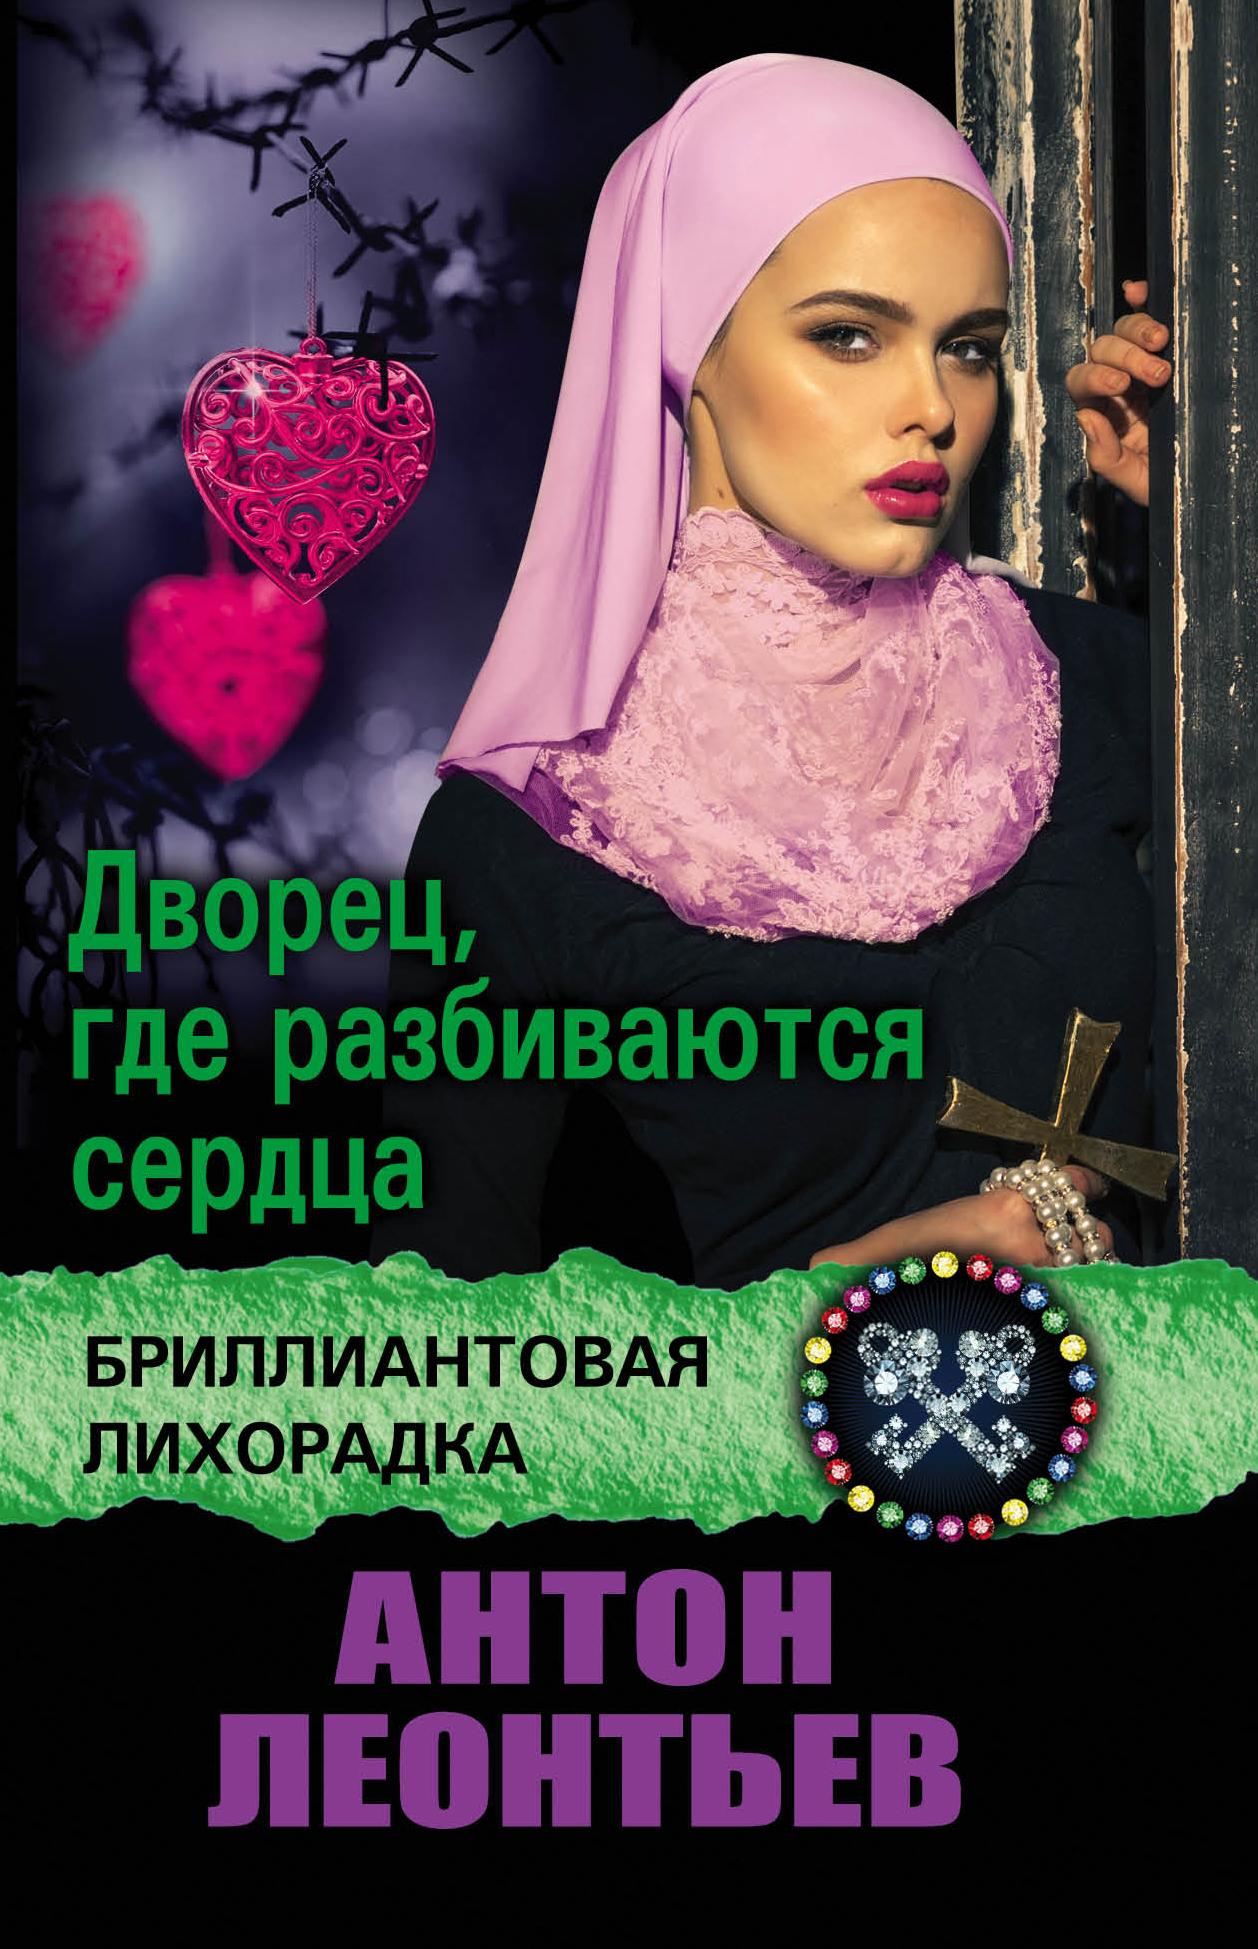 Дворец, где разбиваются сердца от book24.ru